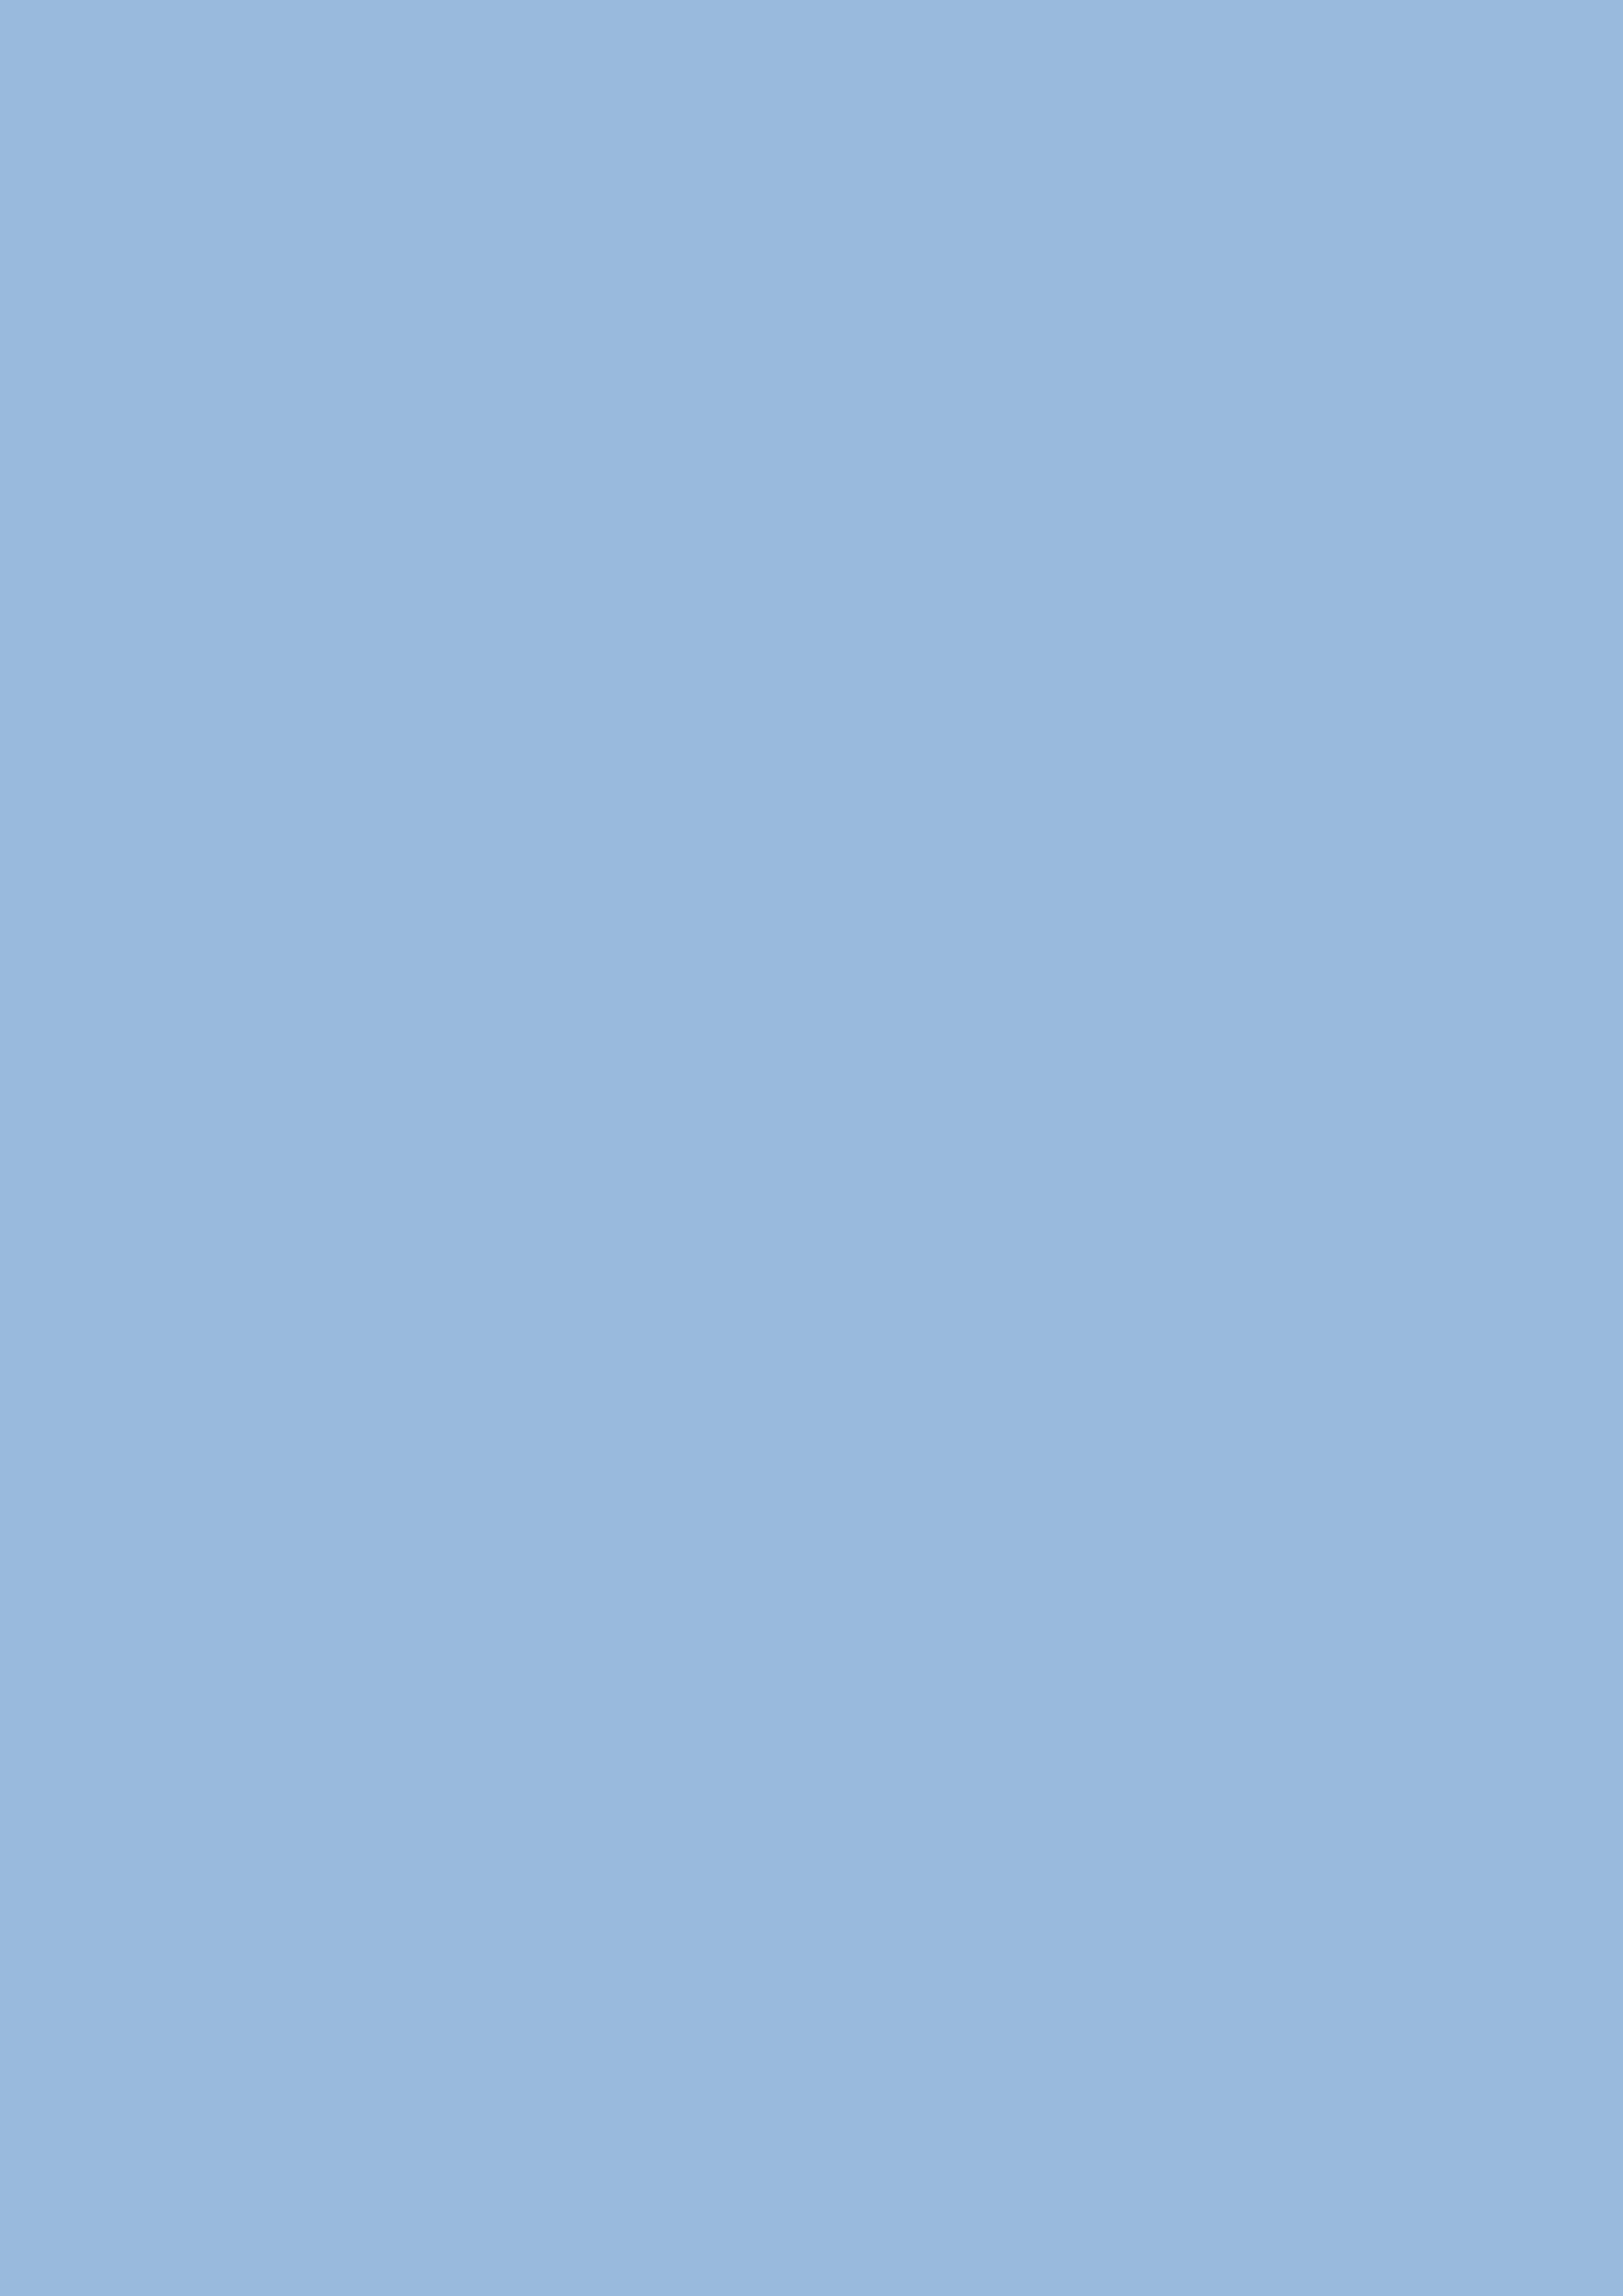 2480x3508 Carolina Blue Solid Color Background